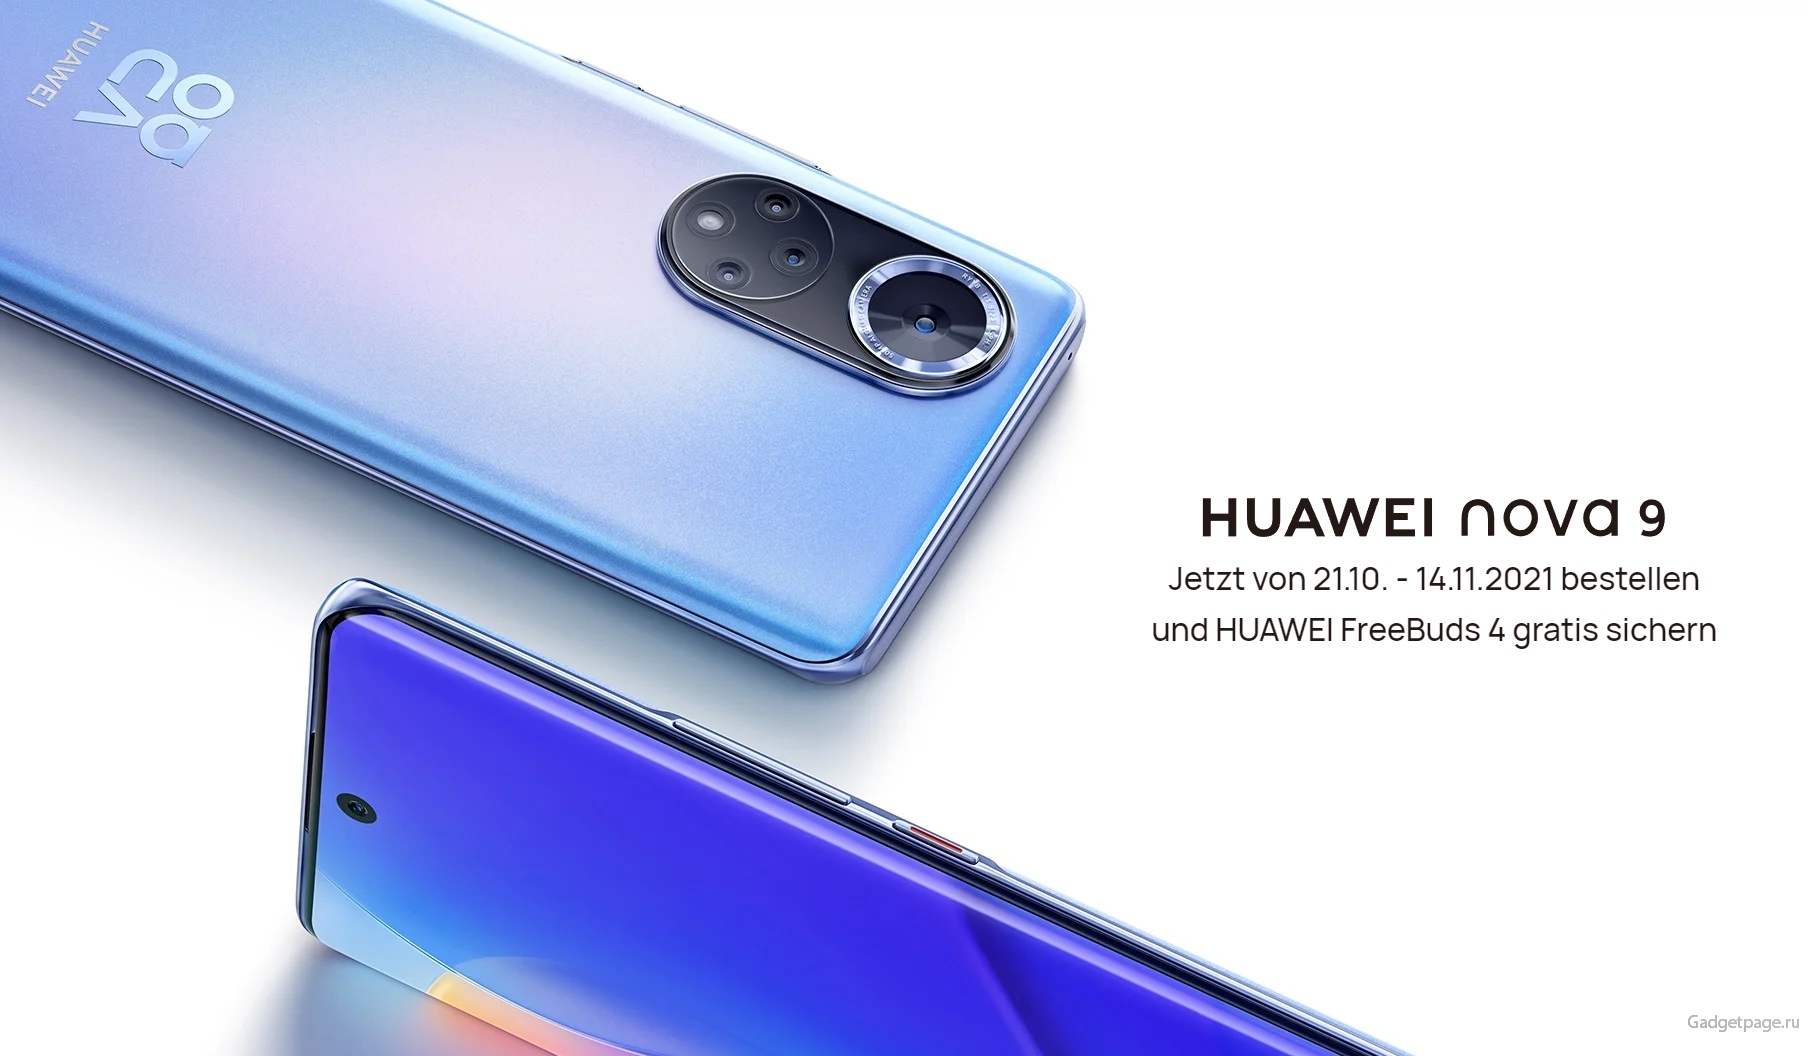 Huawei привезла Nova 9 в Европу: с Android 11, но без сервисов Google